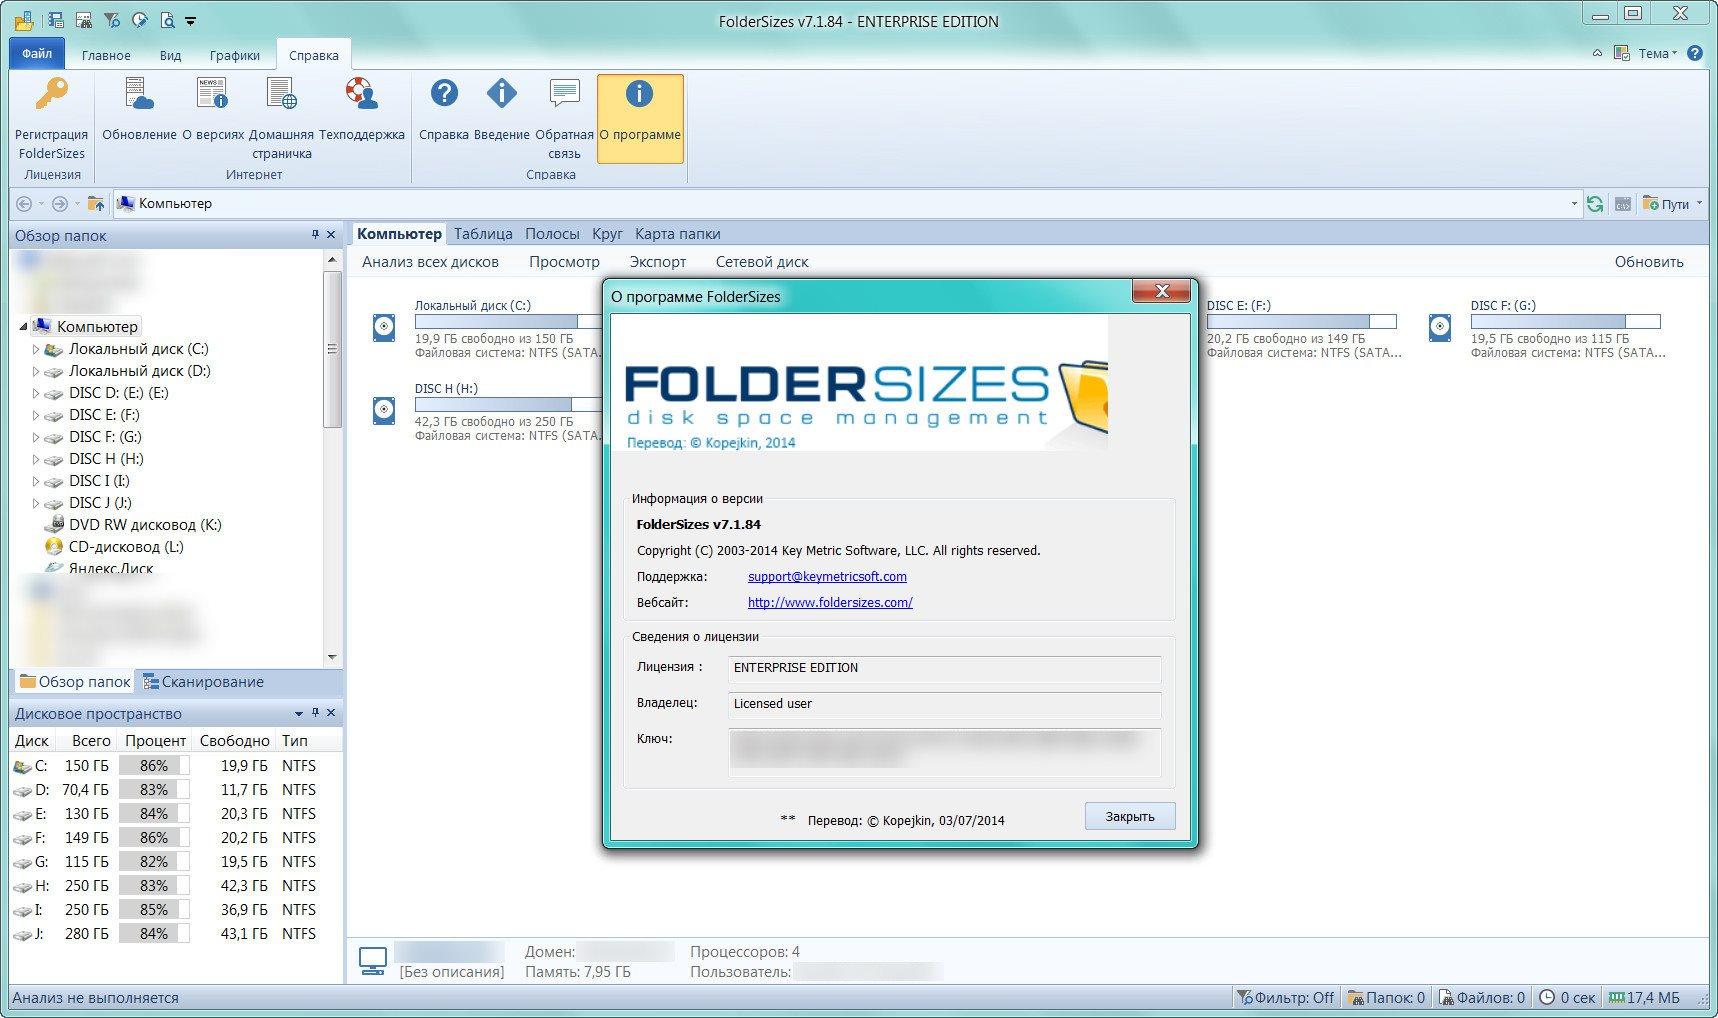 FolderSizes v7.1.84 En...